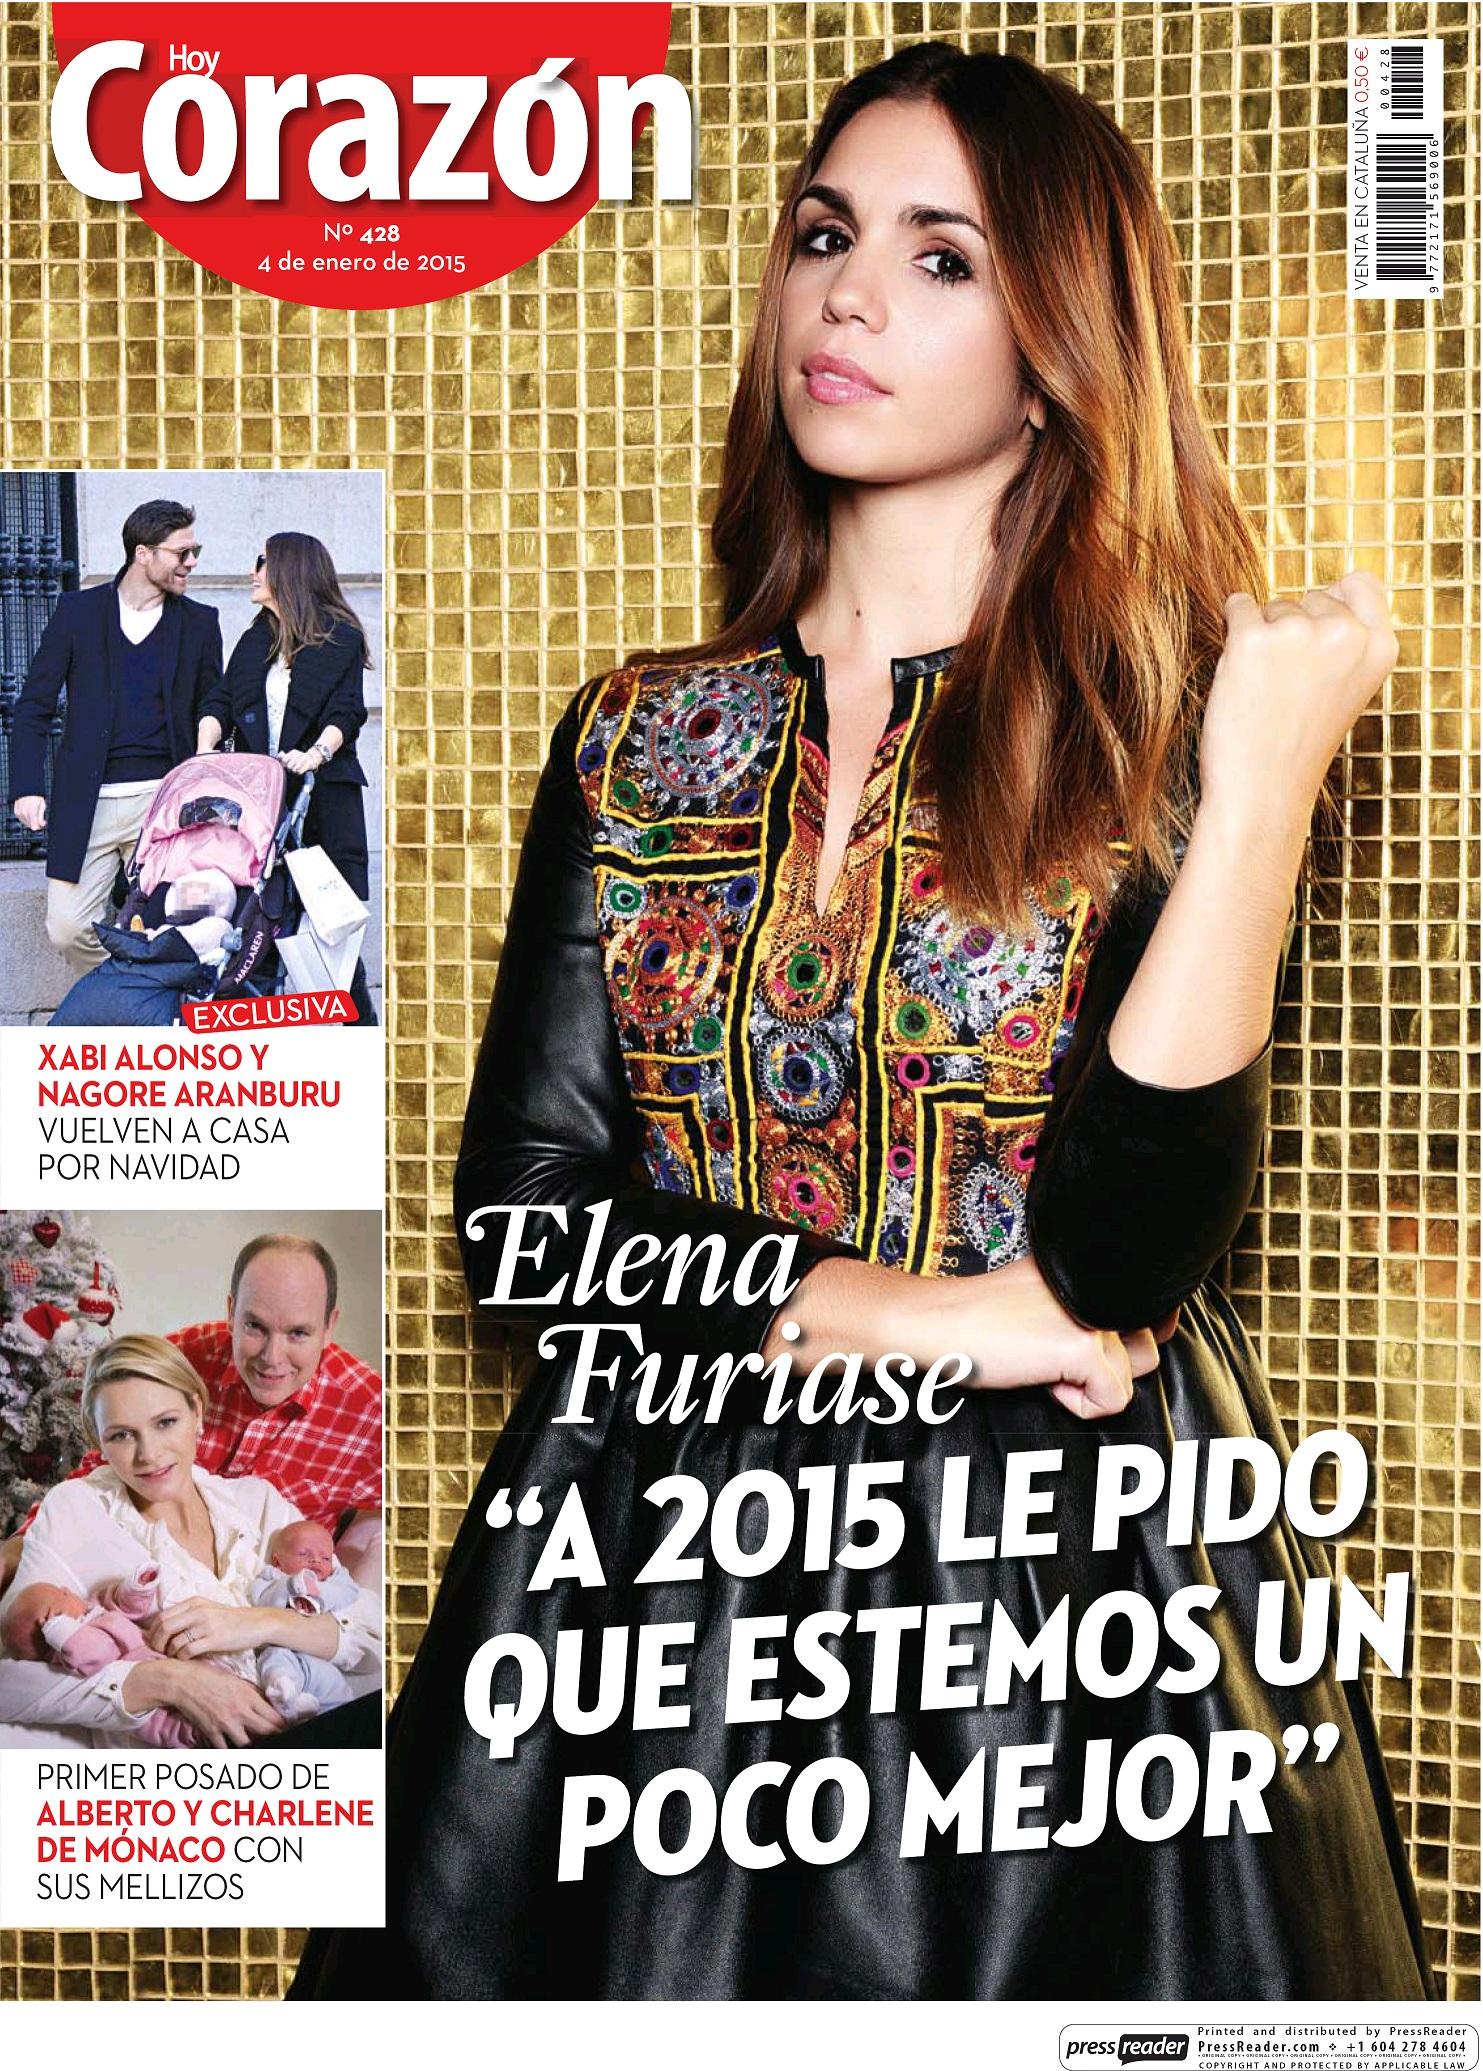 HOY CORAZON portada 4 de Enero 2015